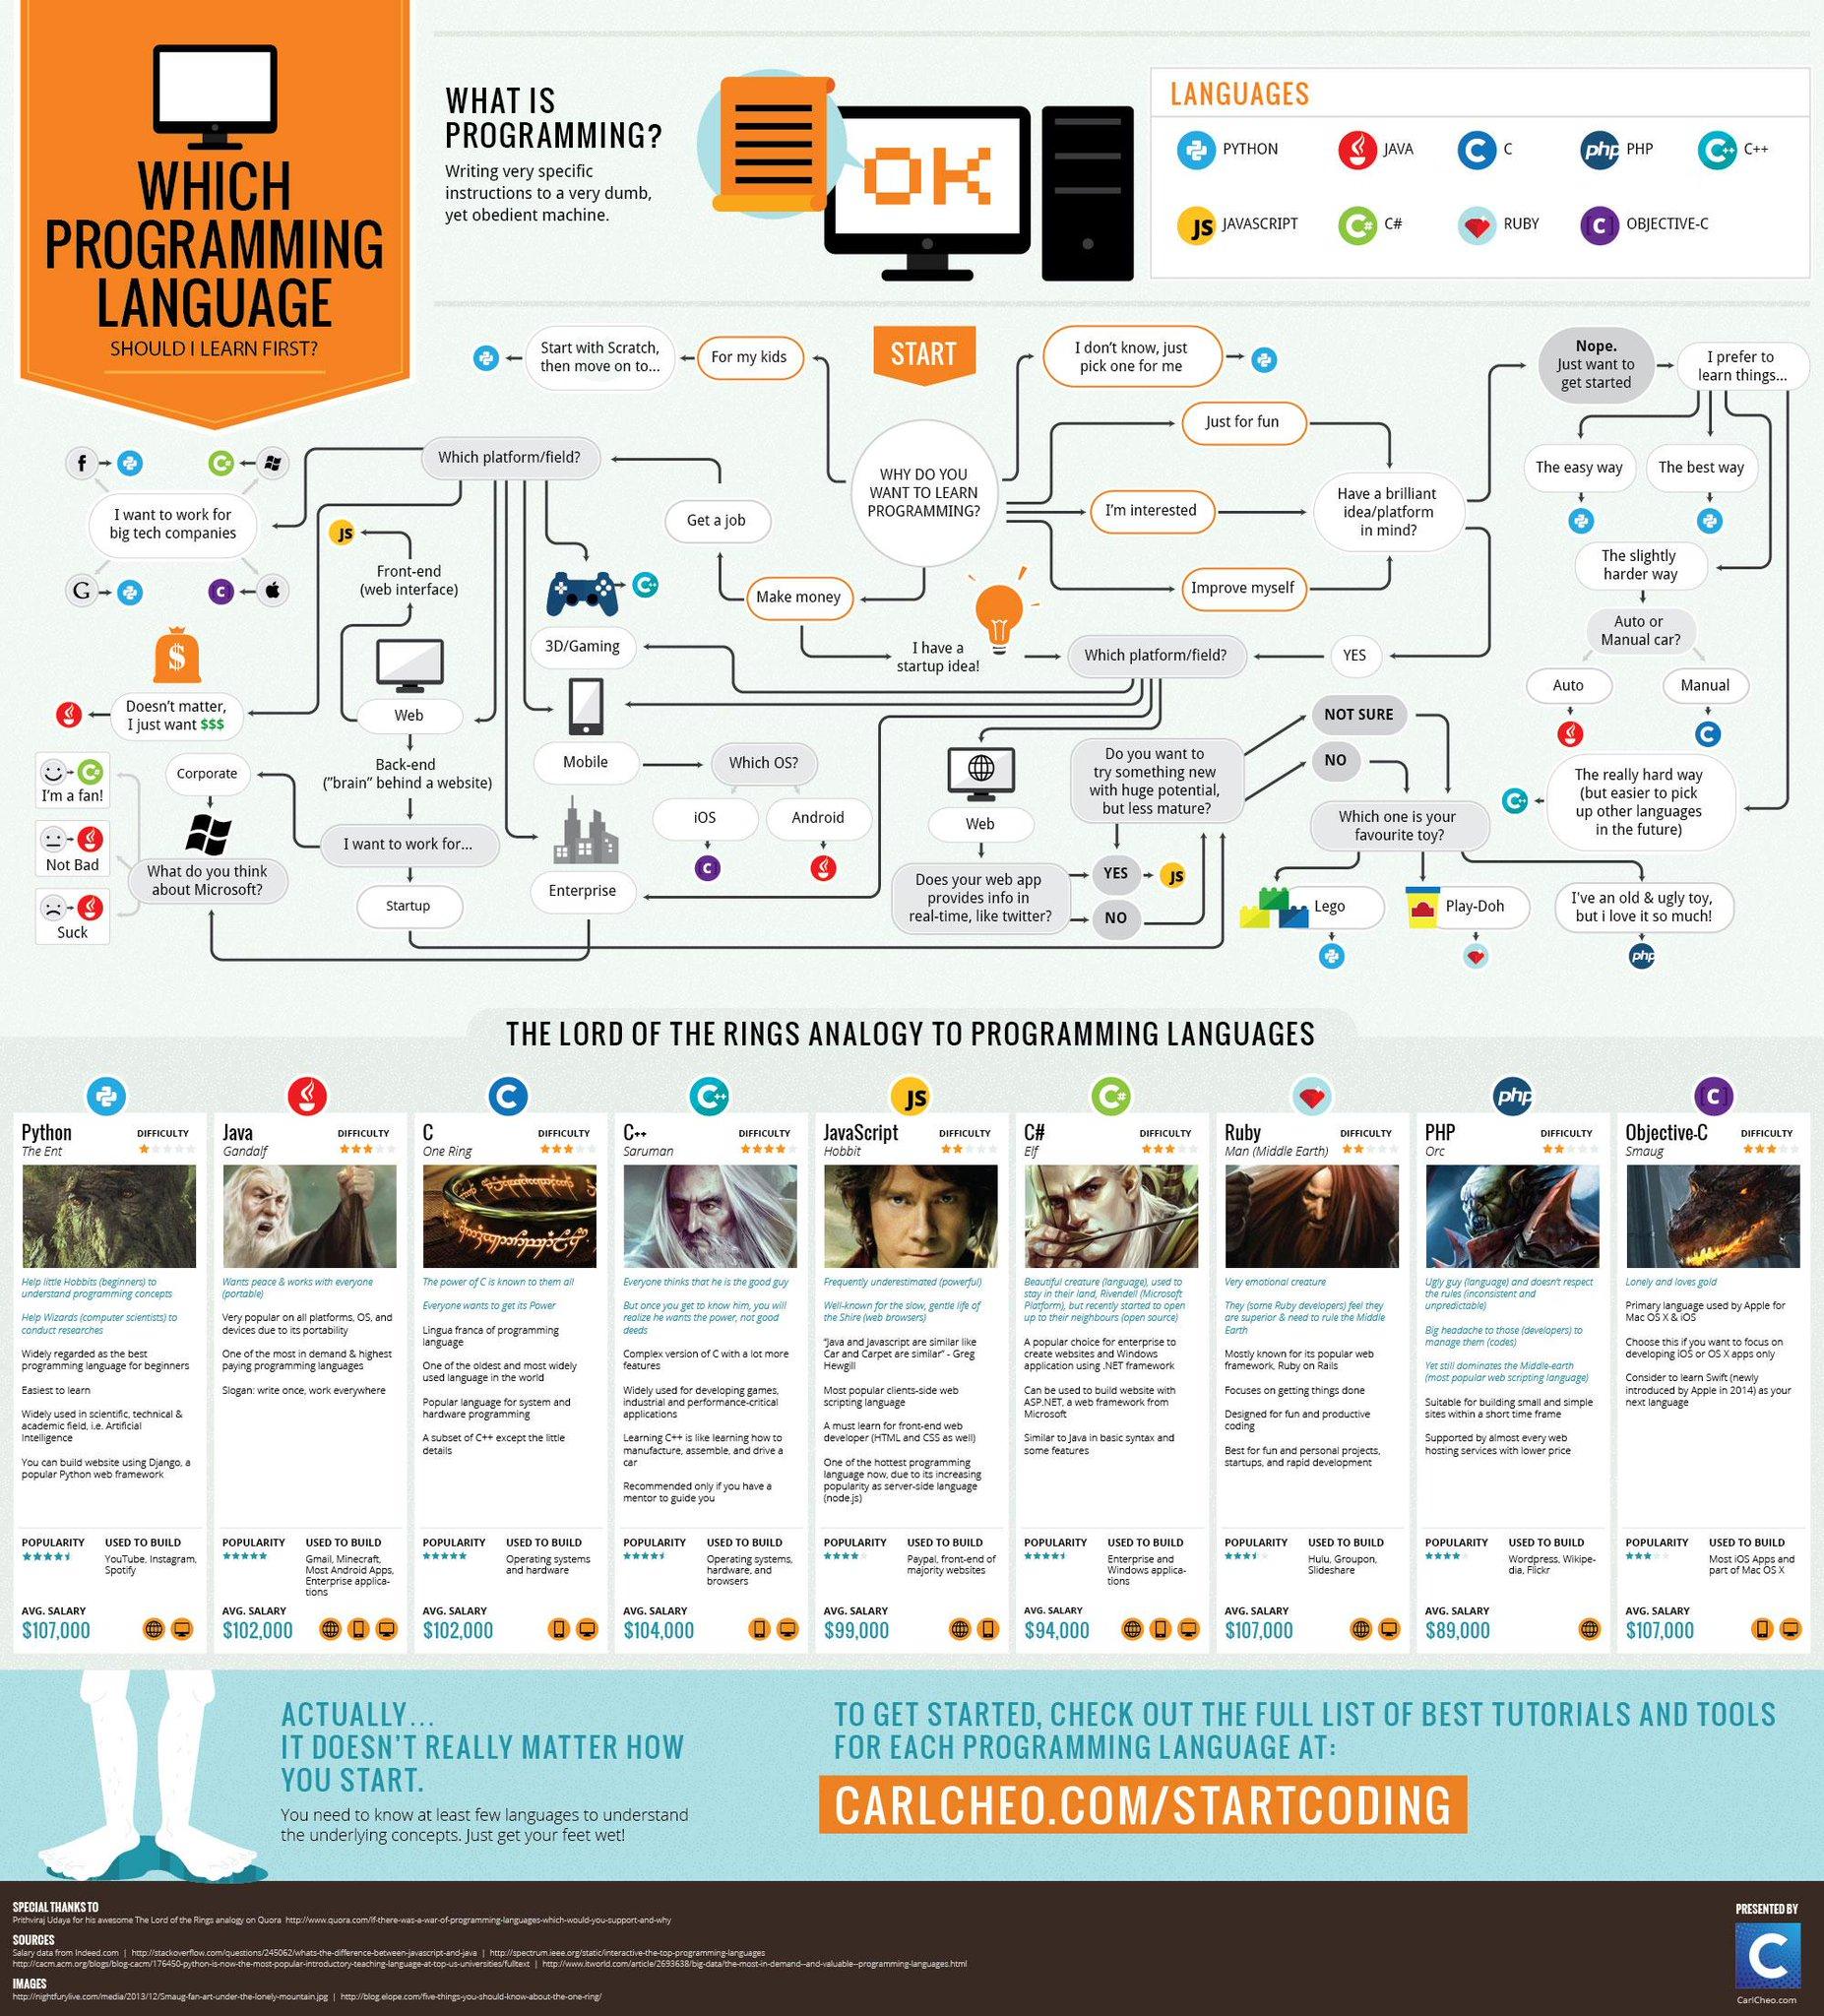 Инфографика: какой язык программирования учить первым. http://t.co/oitZMTBSNB